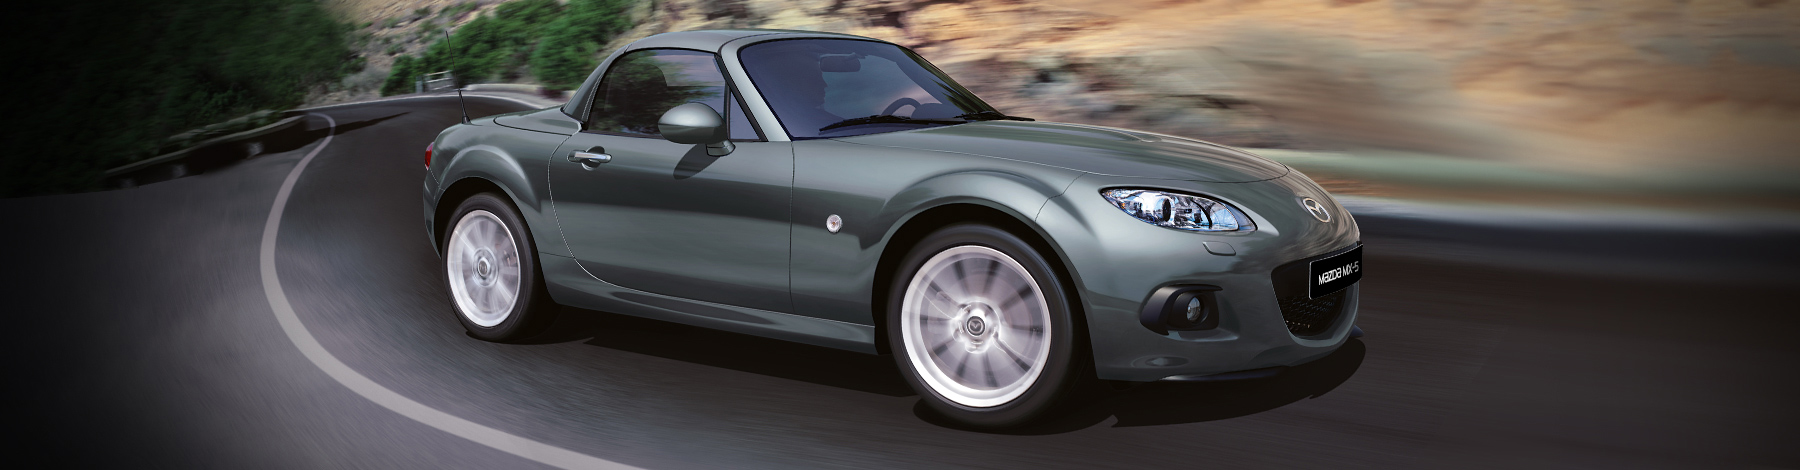 mazda wallpaper (Mazda MX-5)